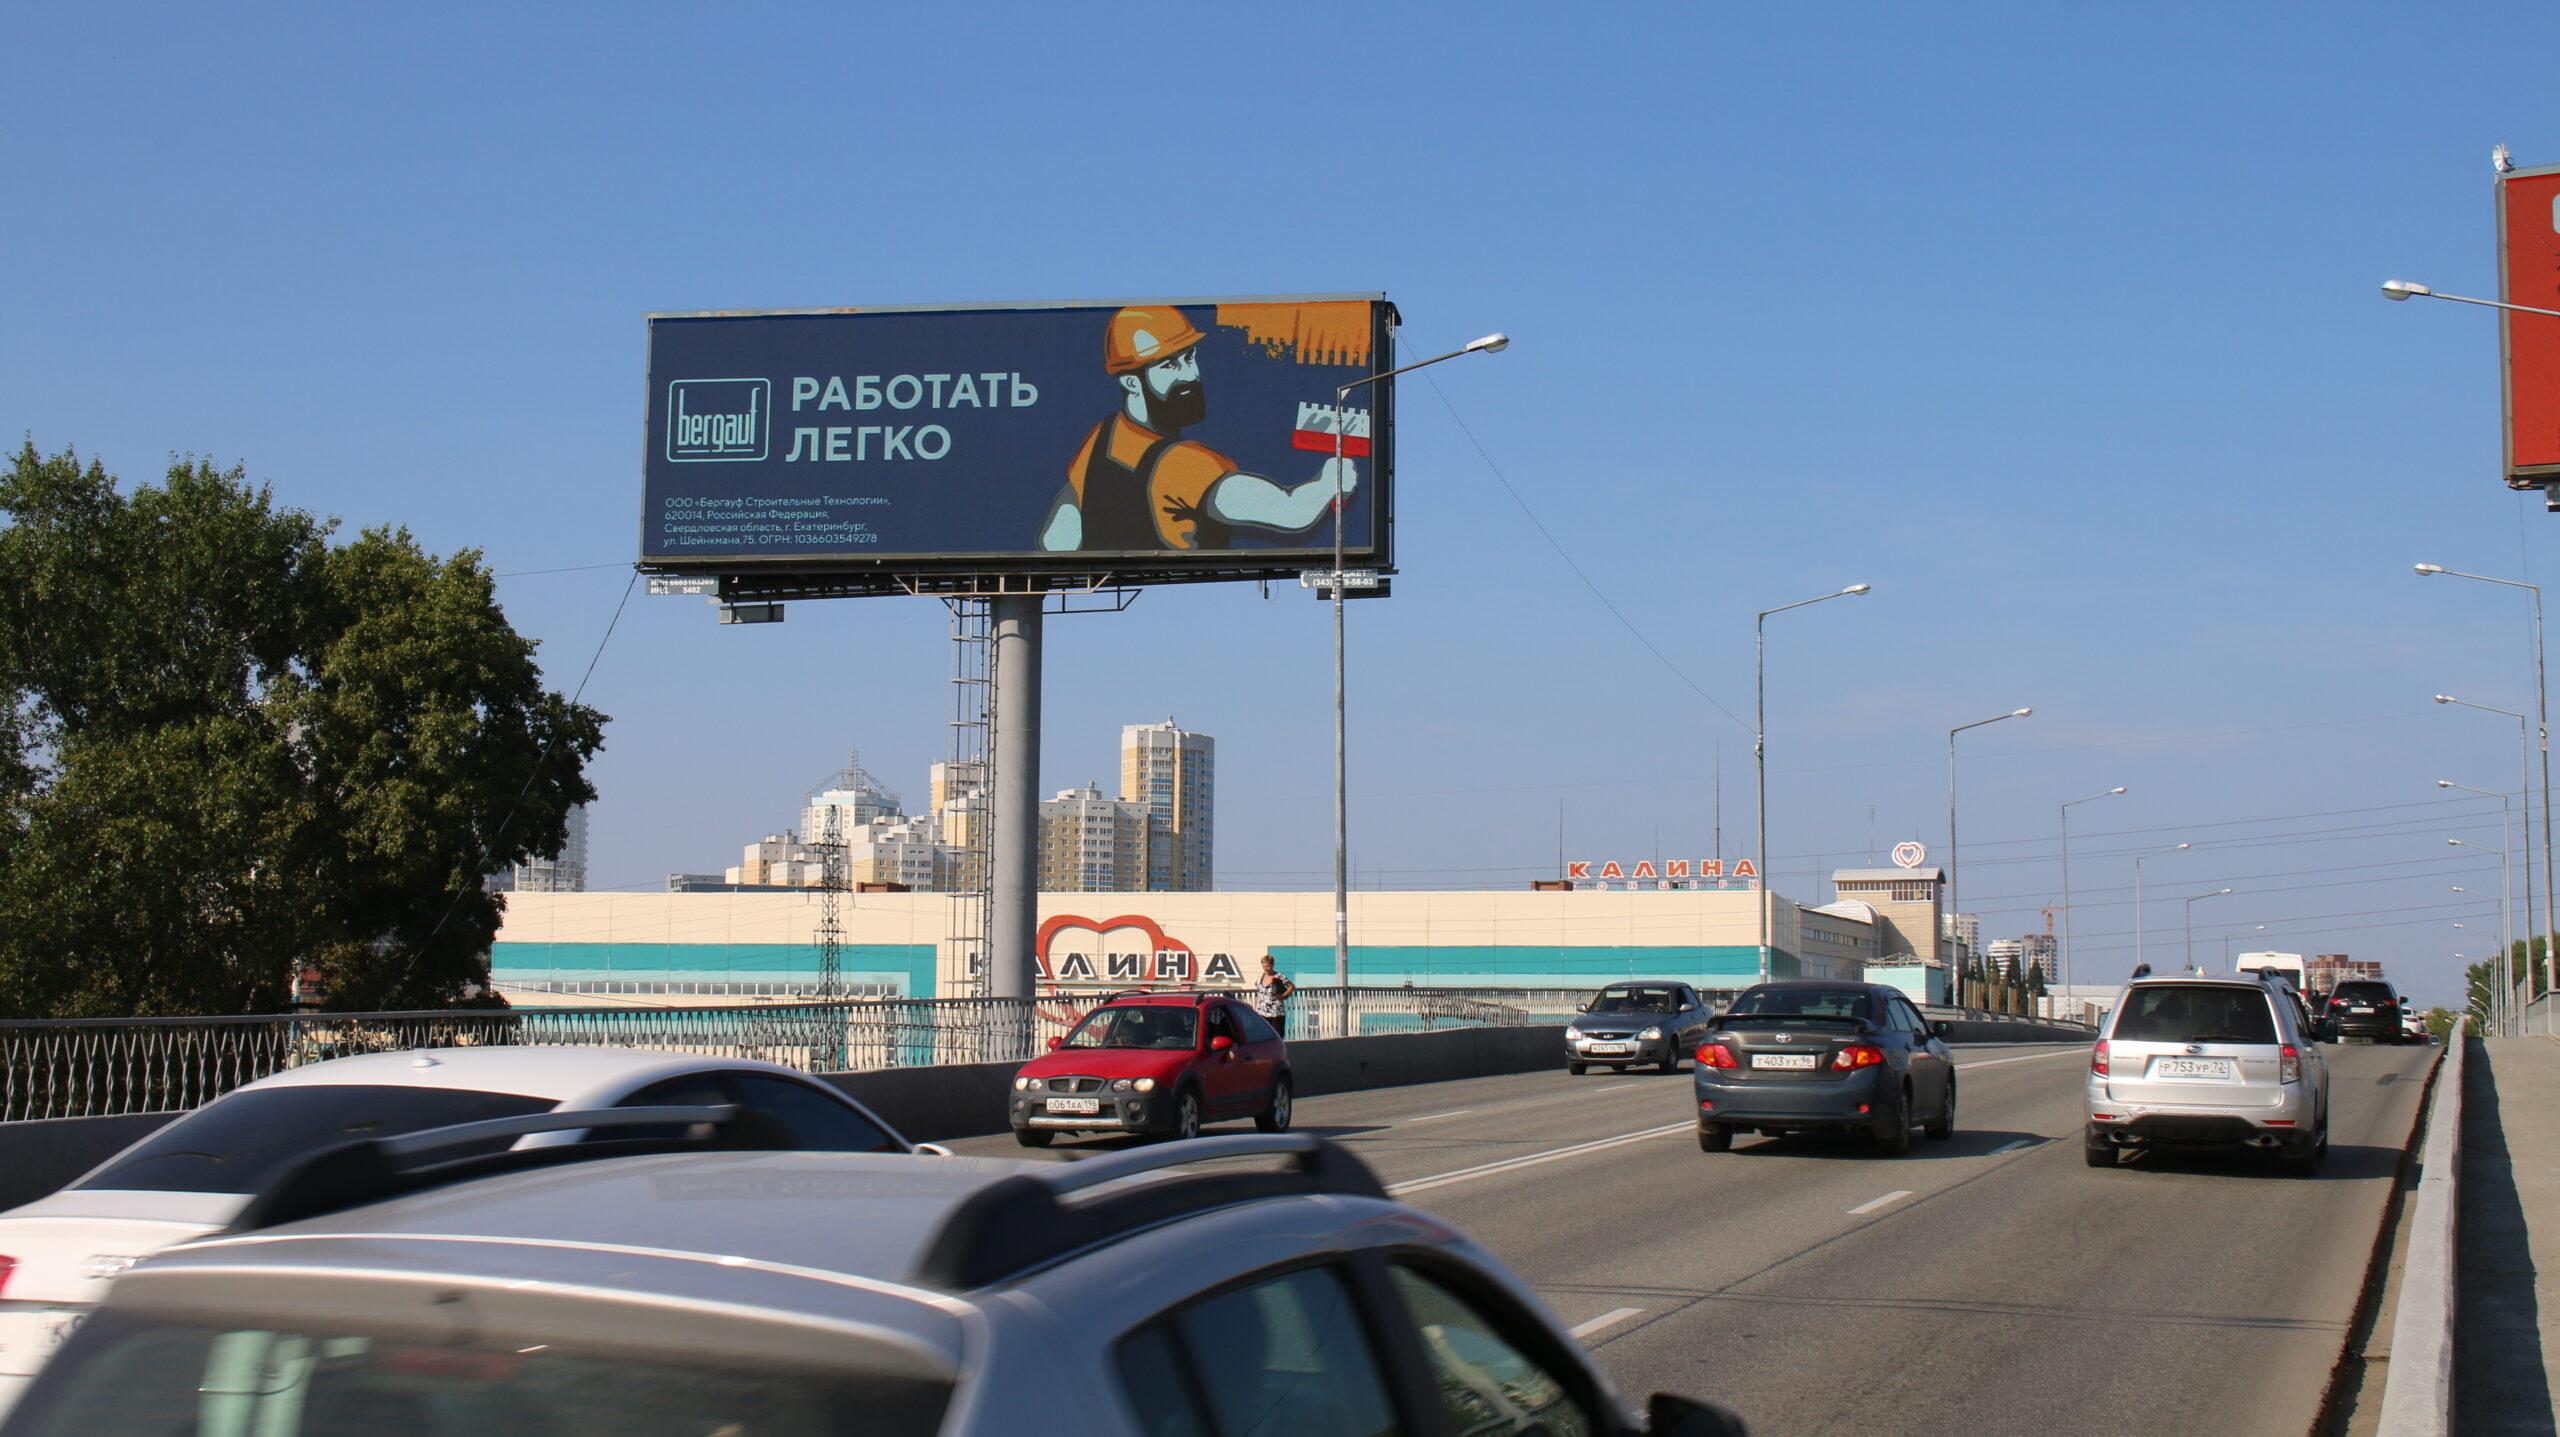 Размещение Суперсайтов в городе Екатеринбурге